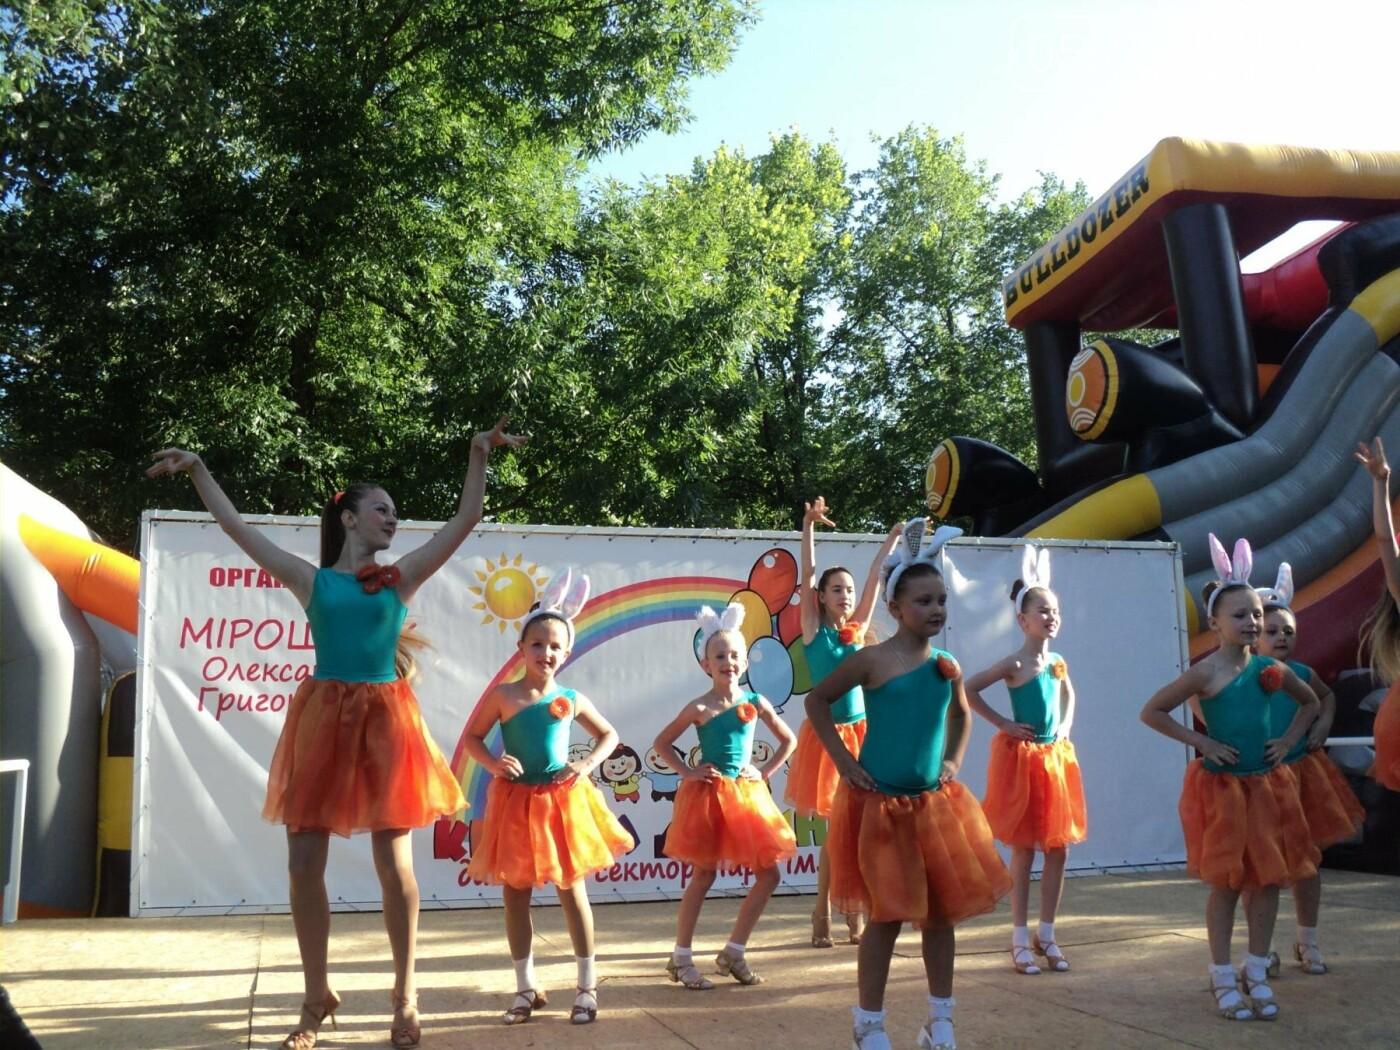 Юні артисти Новомосковська влаштували яскравий концерт до Міжнародного дня захисту дітей, фото-1